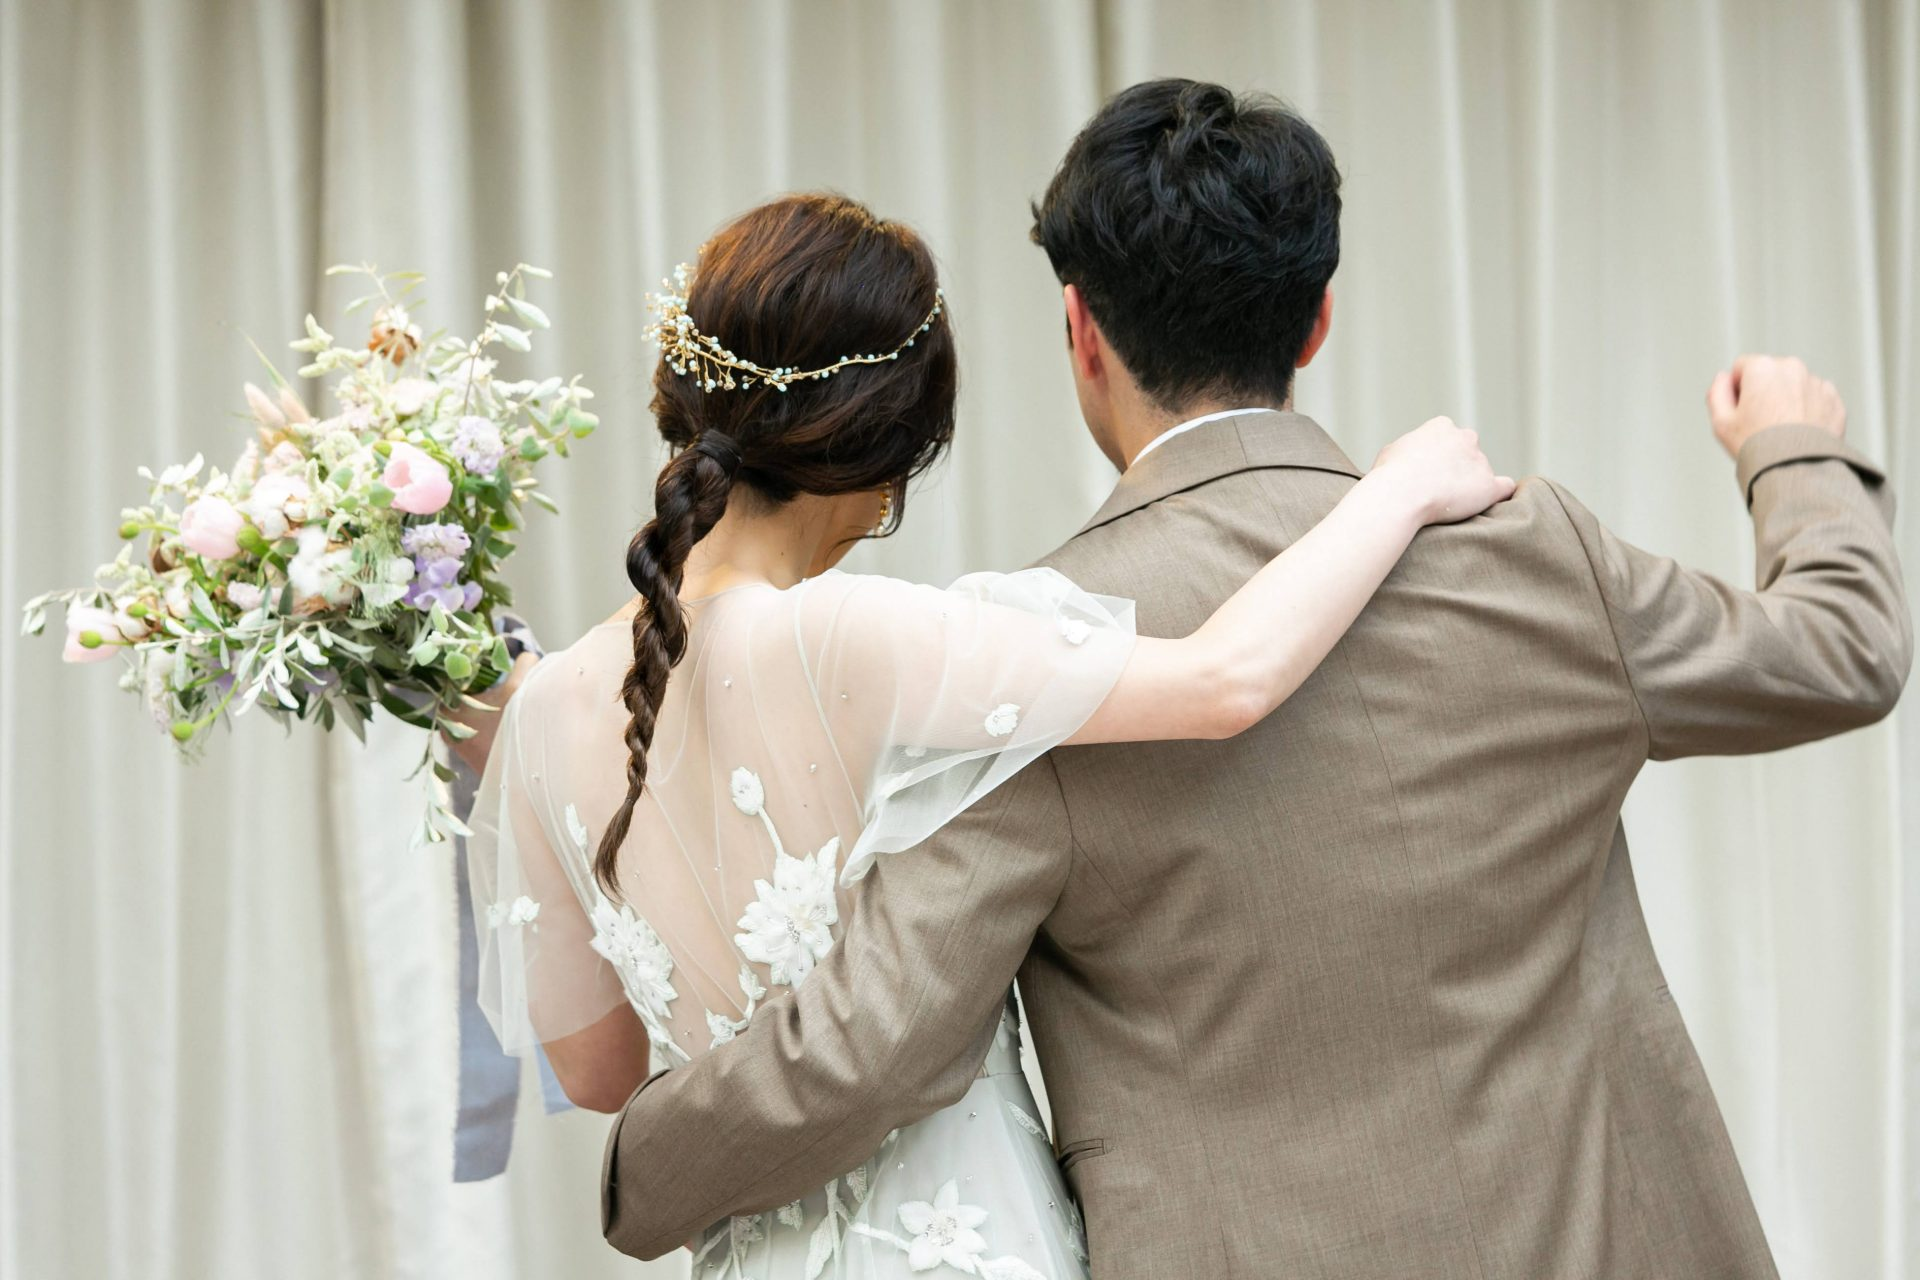 バックコンシャスなパステルグリーンのカラードレスに合わせてベージュのタキシードを選ばれたリストランテASOで結婚式を挙げたご新郎様ご新婦様。